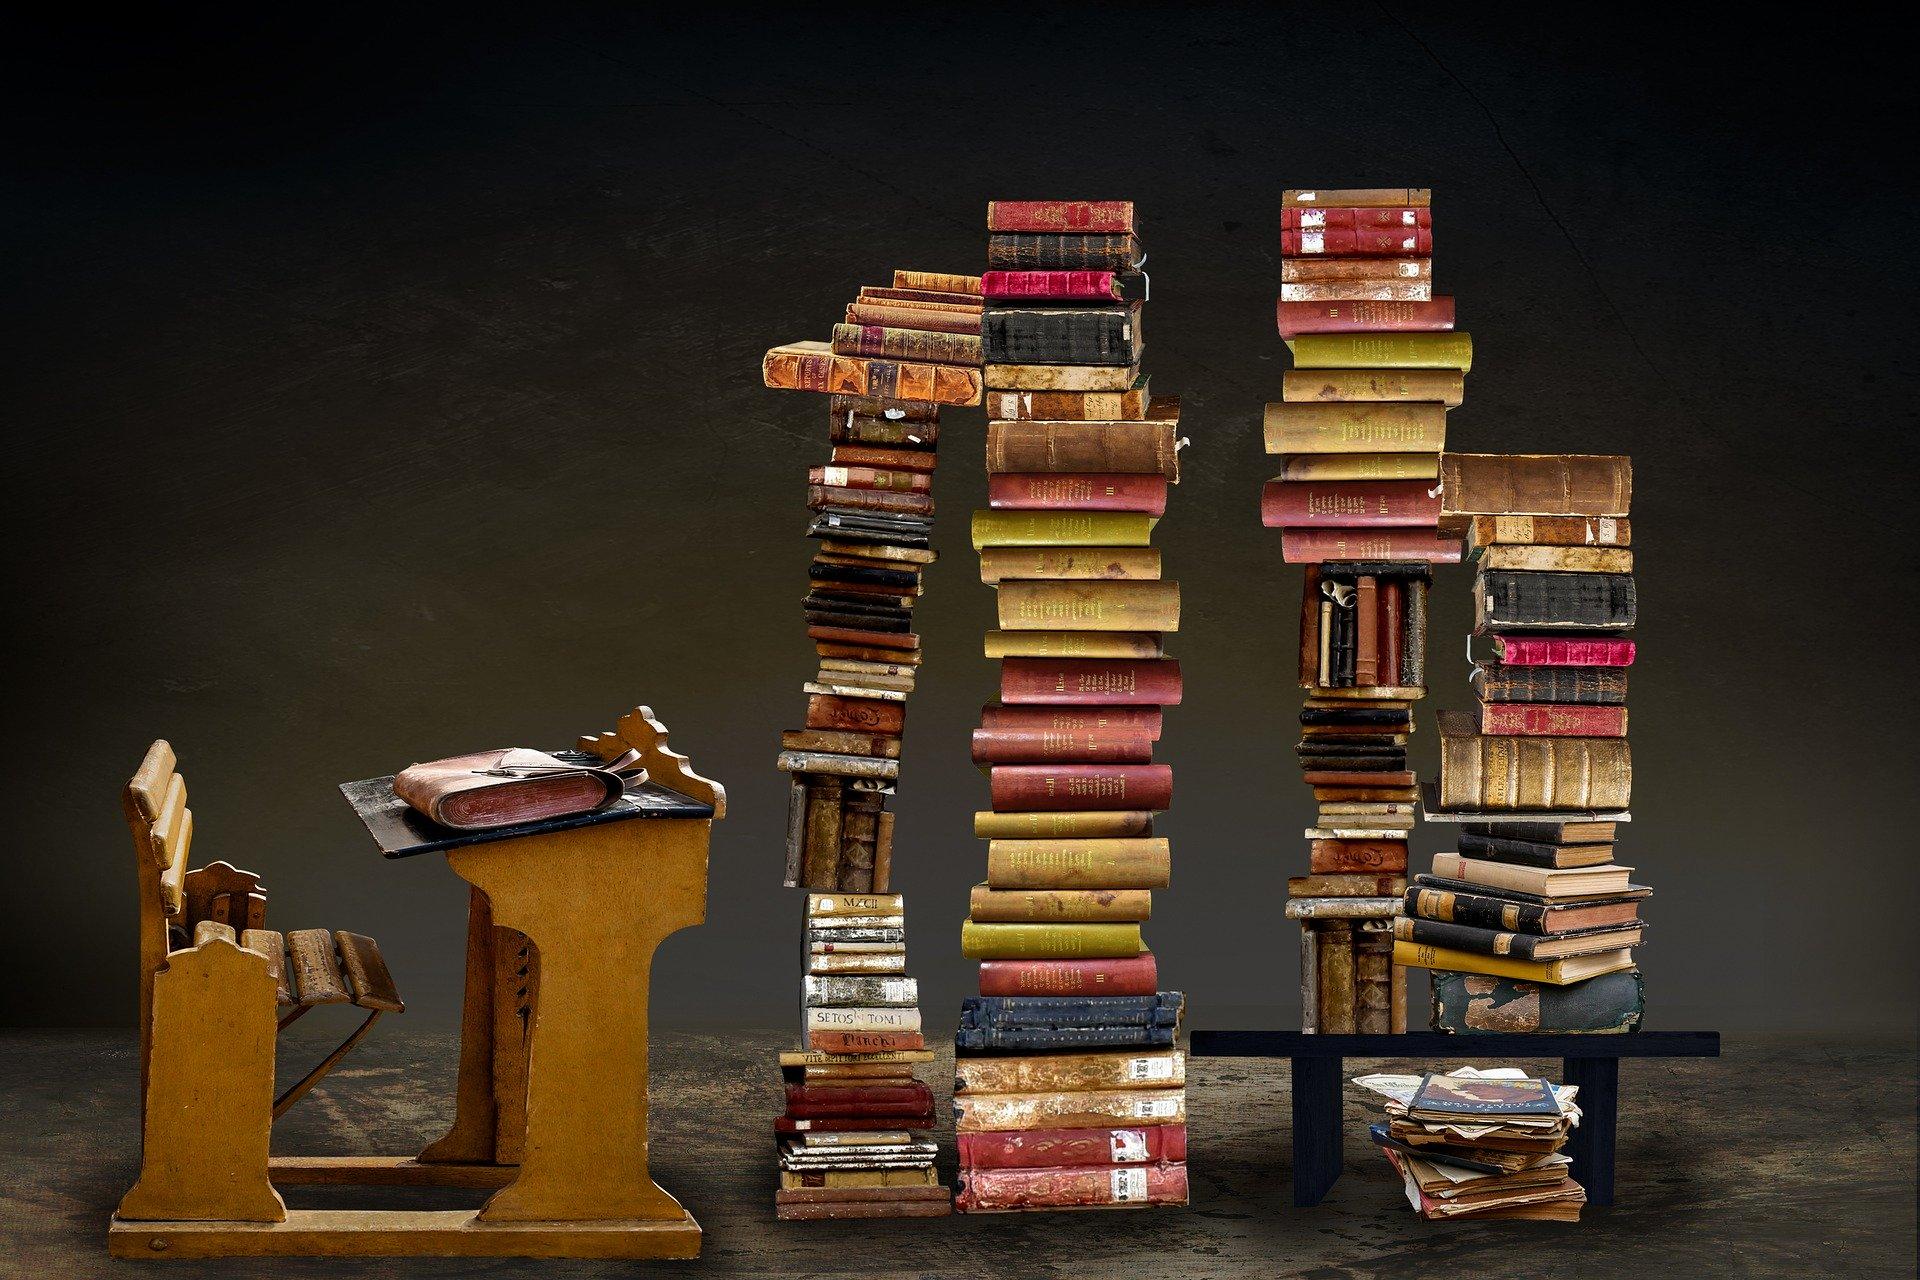 banco di scuola con davanti pile di libri altissime